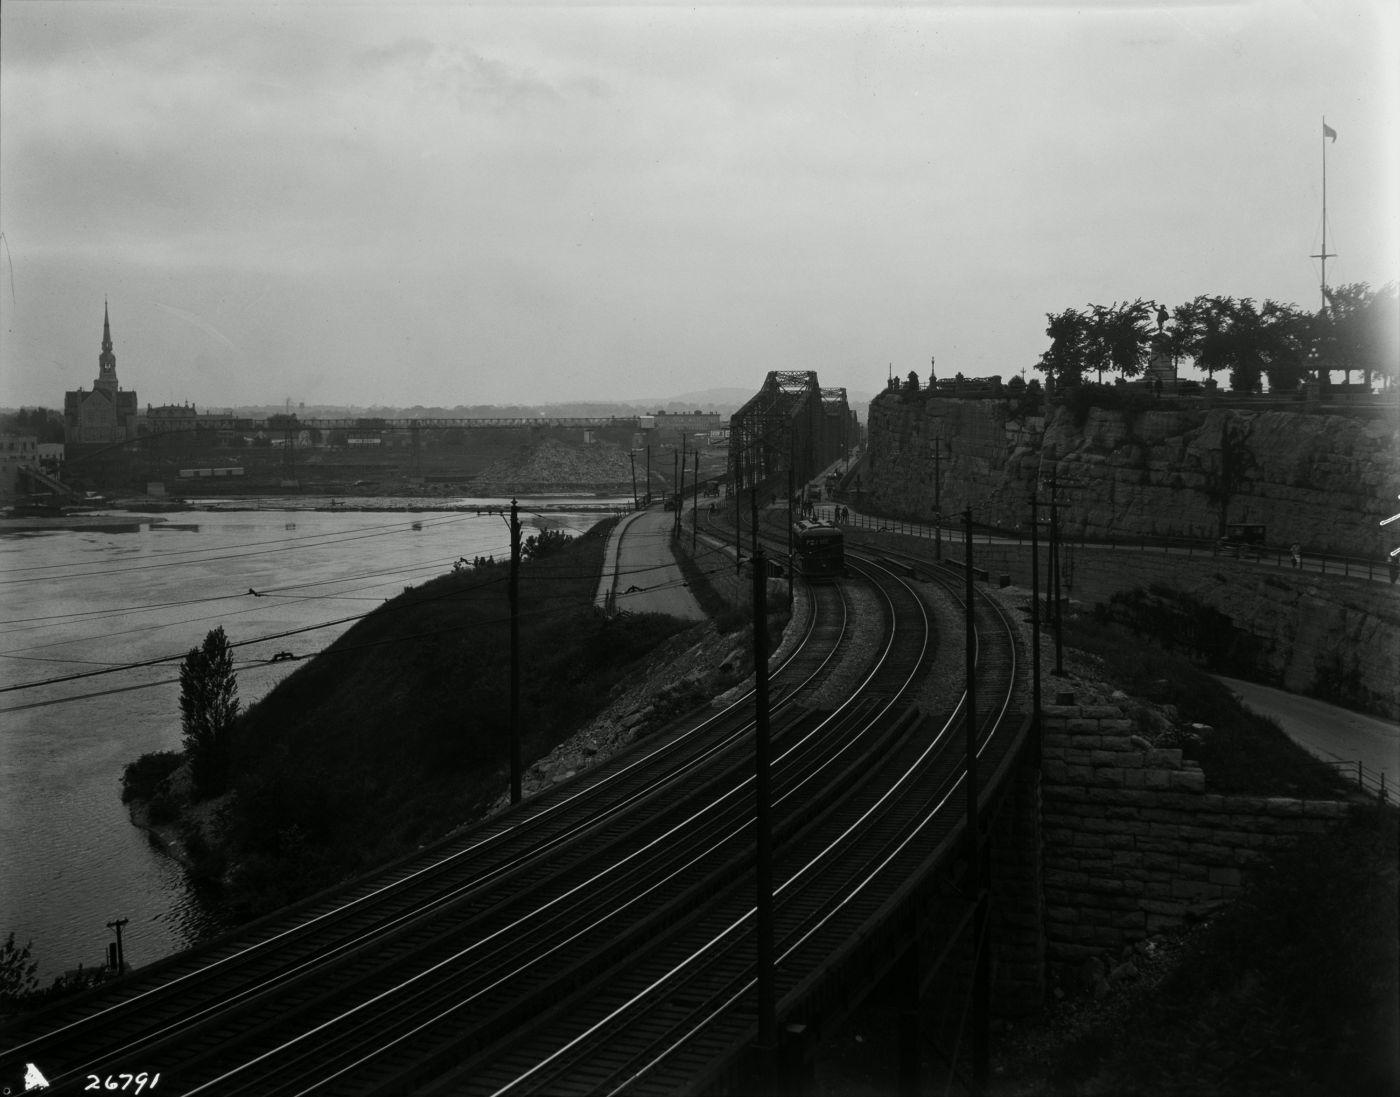 Photographie en noir et blanc d'un paysage riverain. À l'avant-plan, trois voies de chemin de fer mènent à un pont de fer. De l'autre côté du cours d'eau, un paysage industriel dominé par une église imposante.